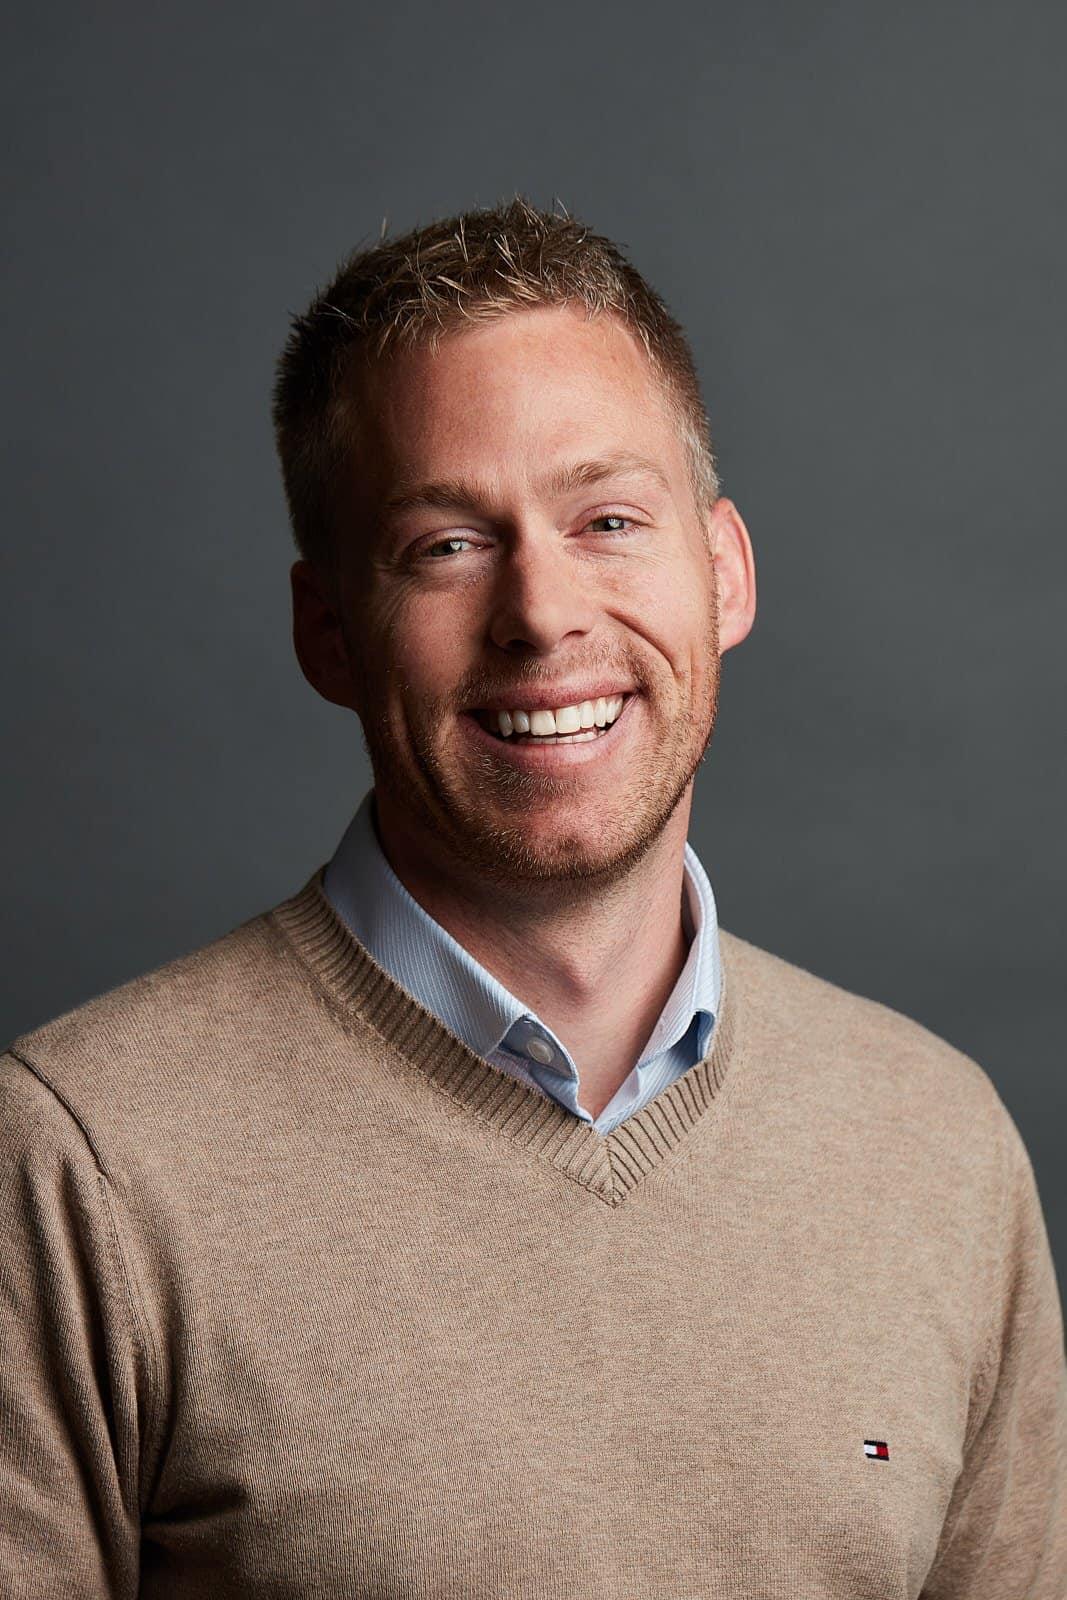 Matt Cowdell